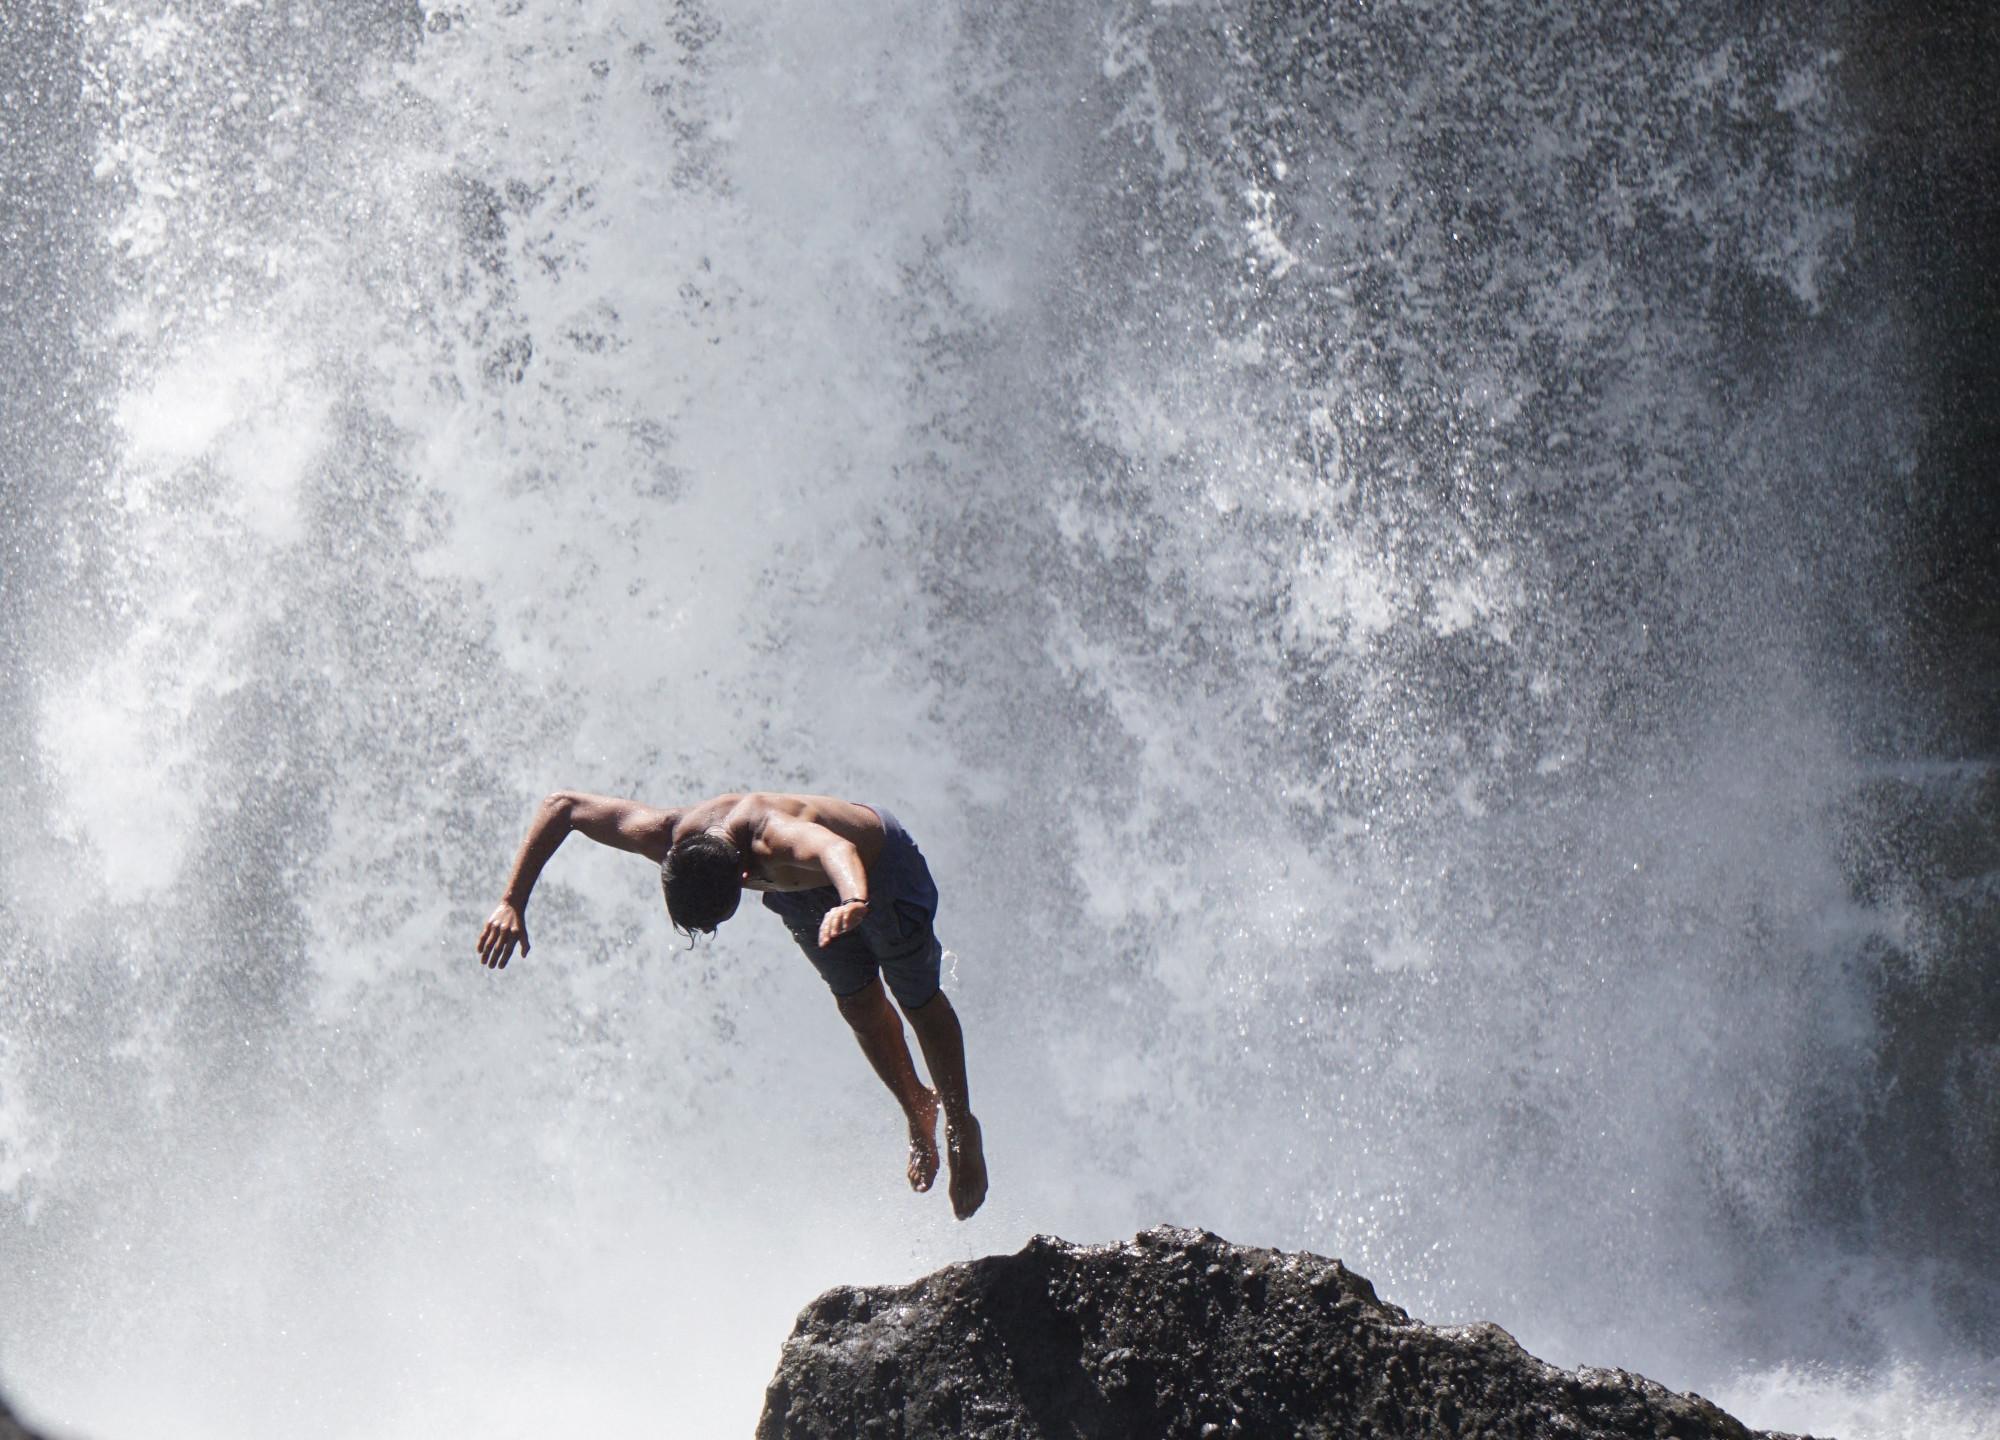 One of many saltos